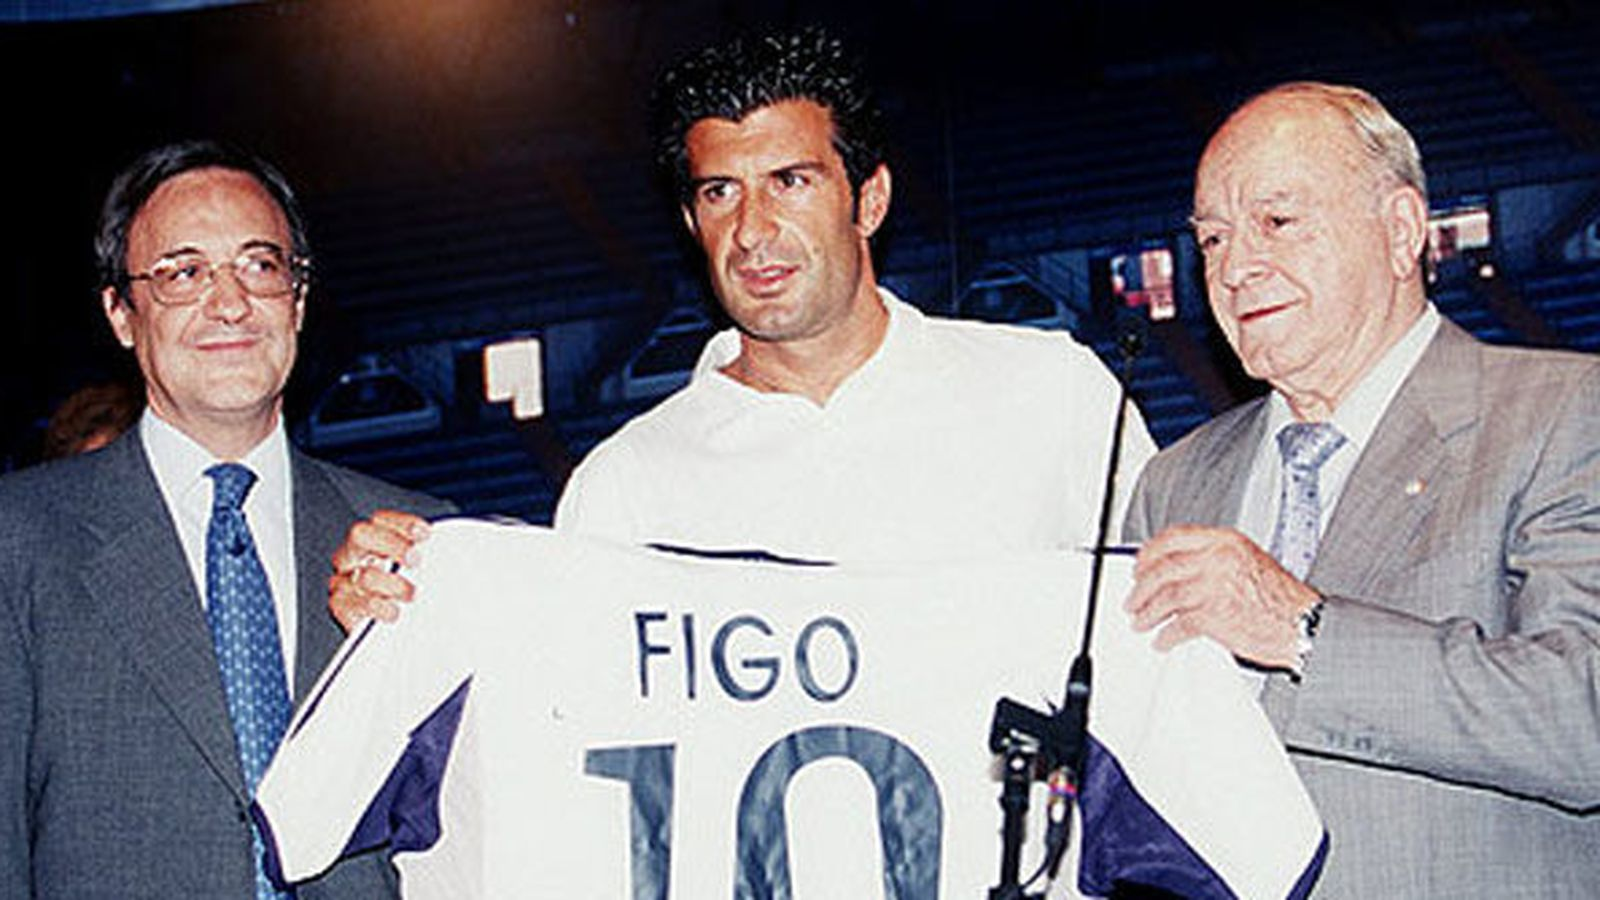 Foto: Figo, entre Florentino Pérez y Di Stéfano